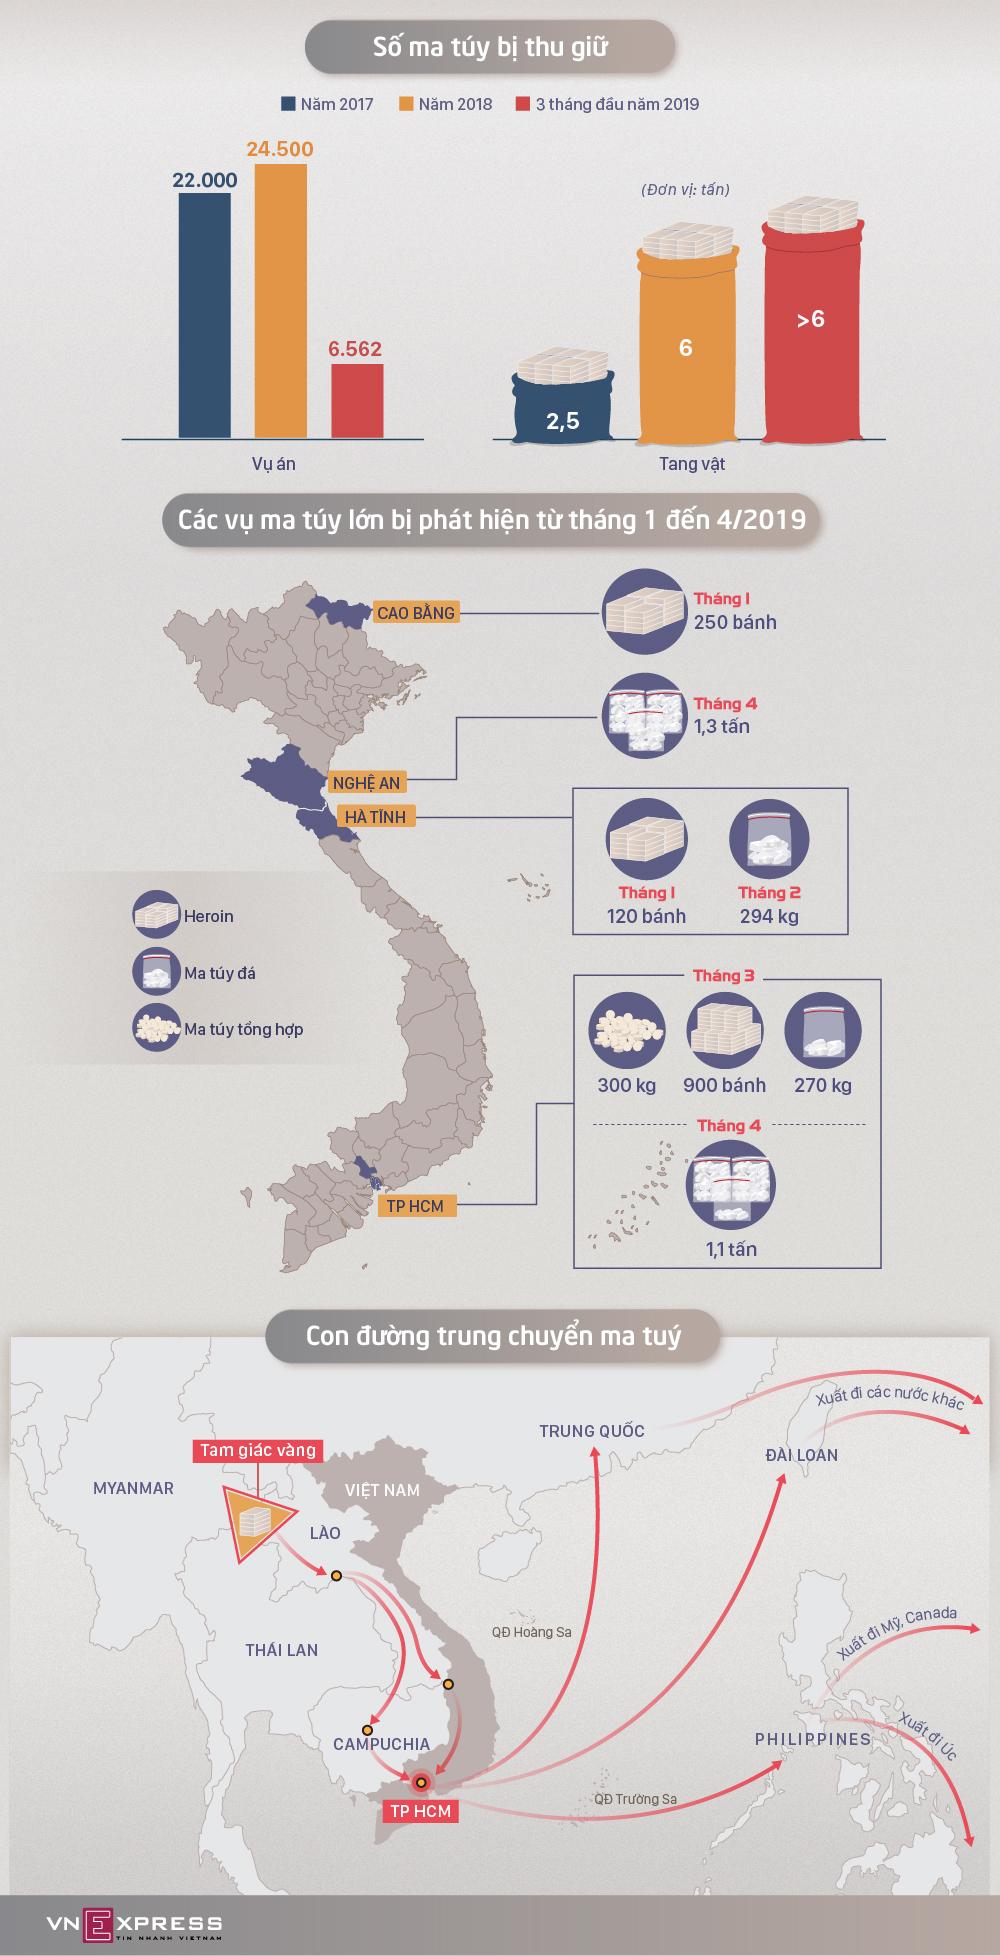 Hơn 6 tấn ma túy bị Việt Nam phát hiện trong 4 tháng